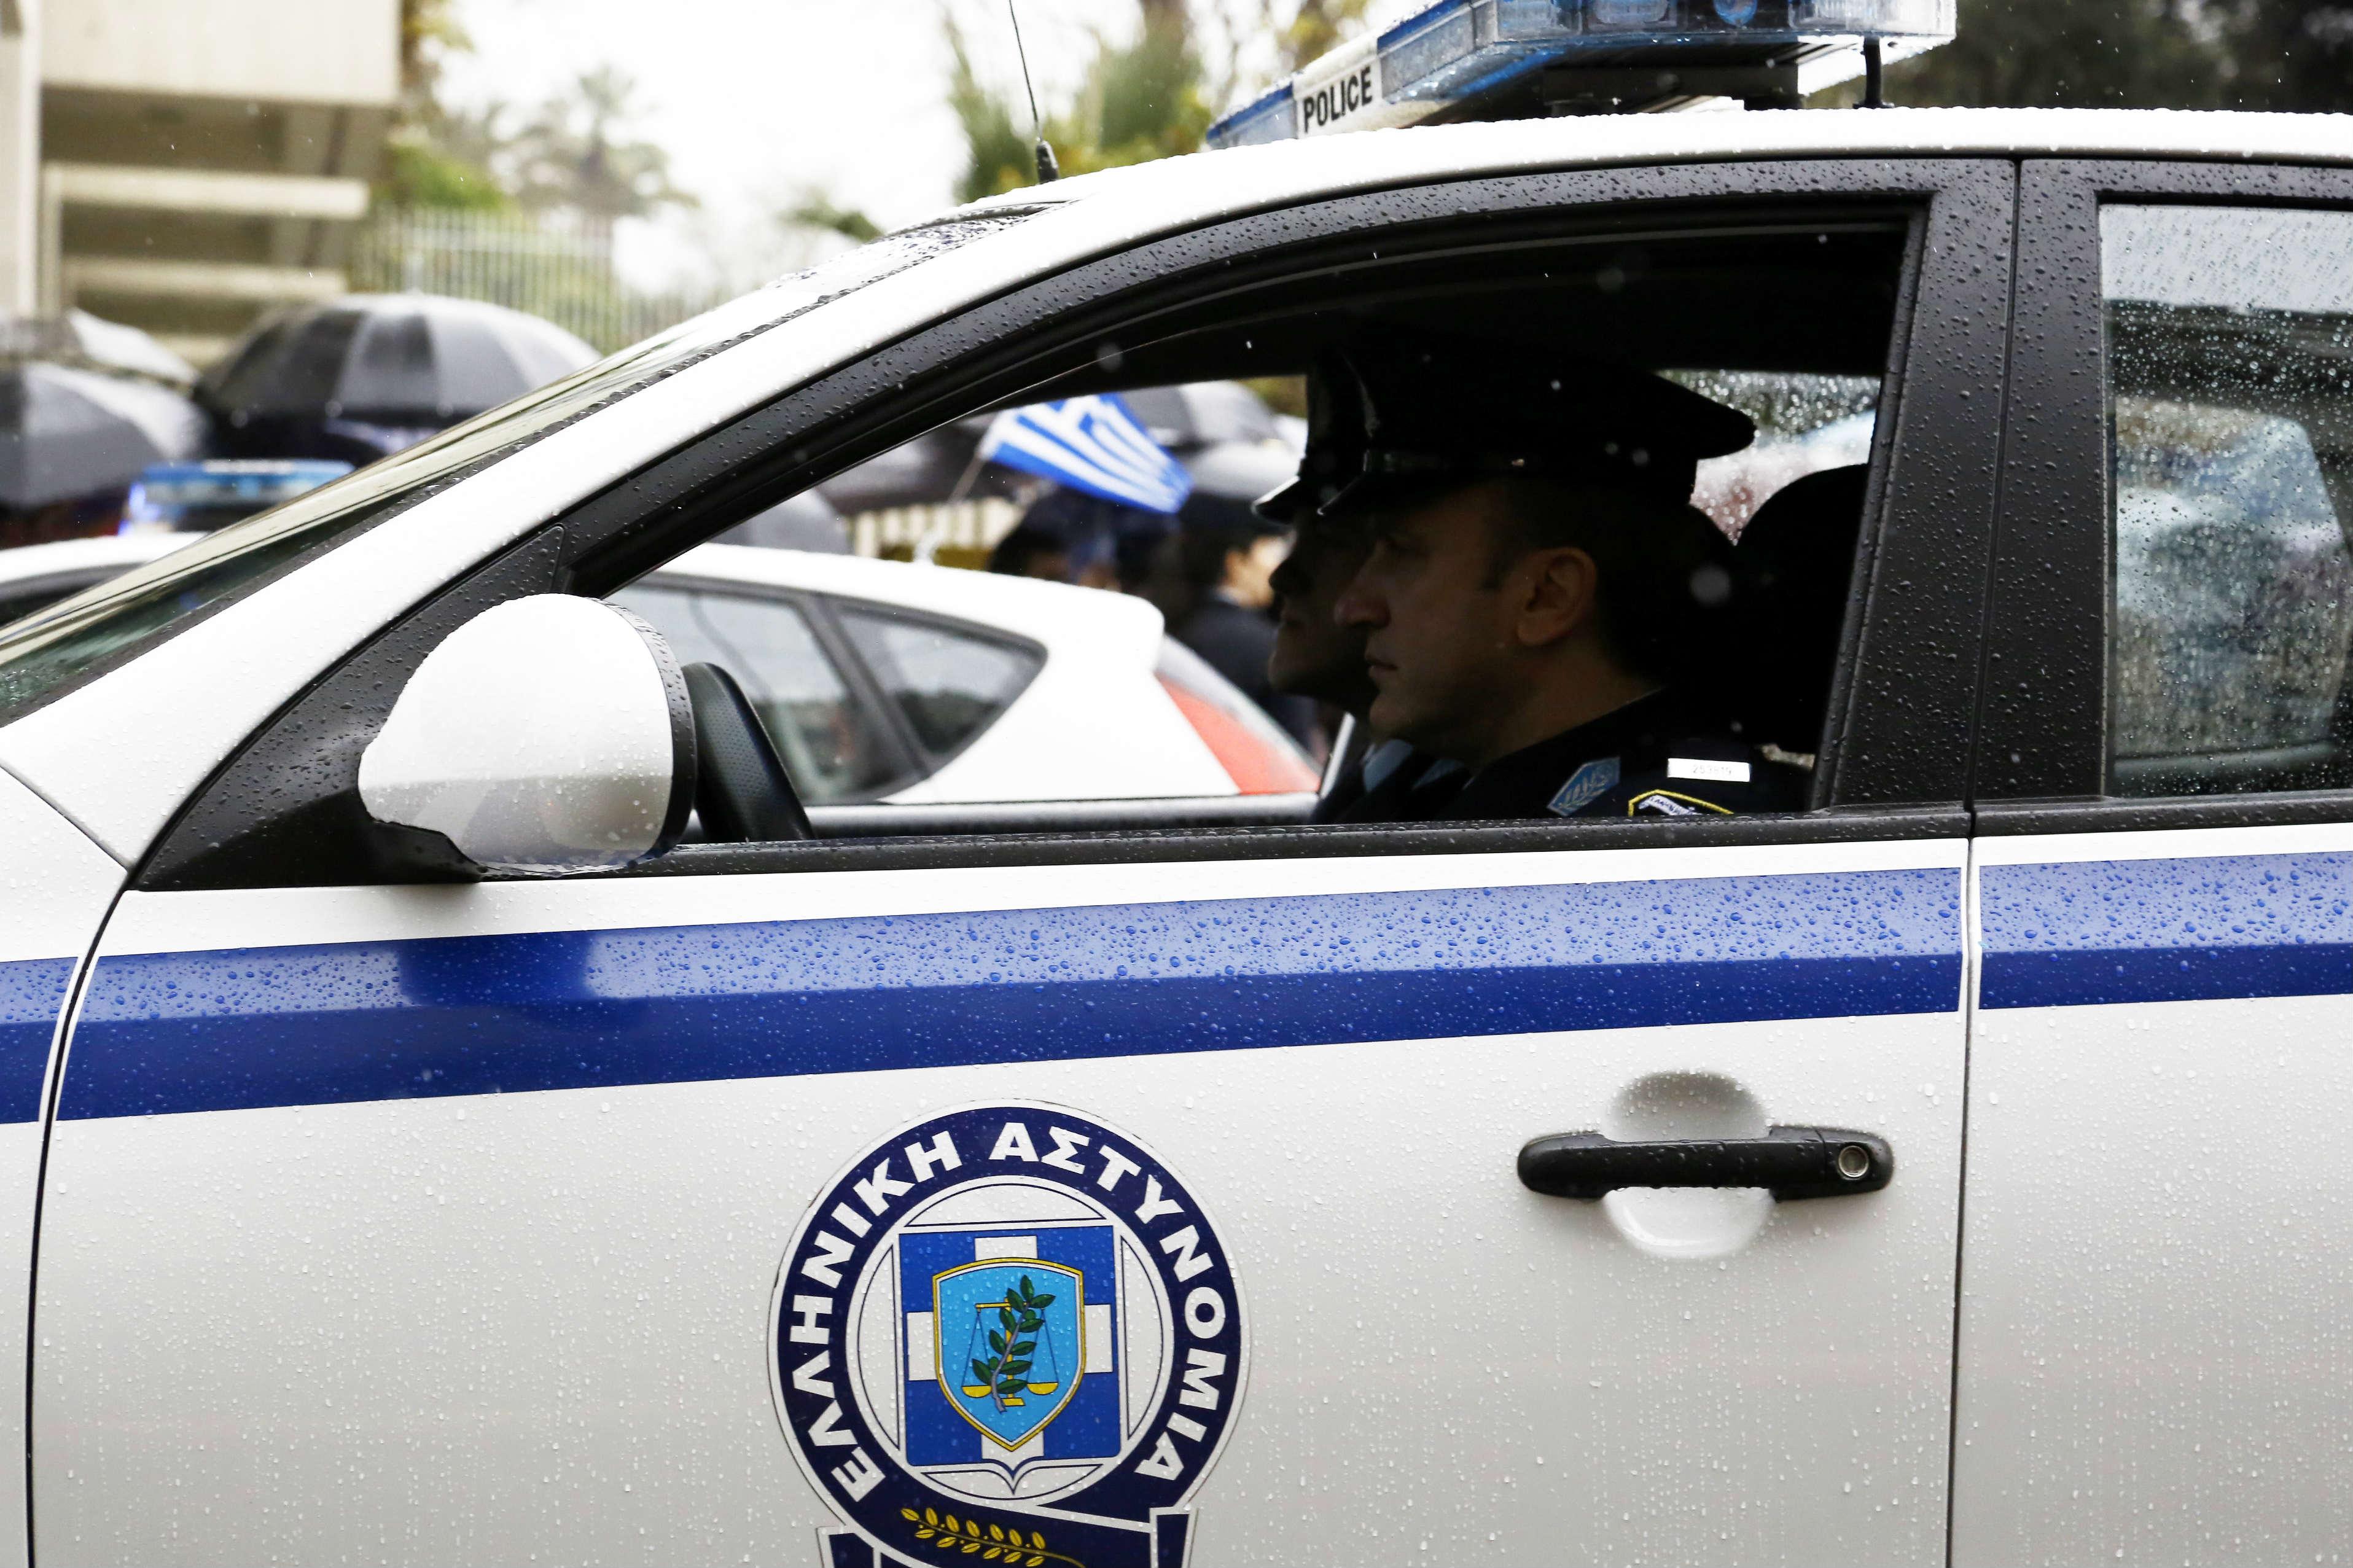 """Αποτέλεσμα εικόνας για Μηνιαία δραστηριότητα των Αστυνομικών Υπηρεσιών Κεντρικής Μακεδονίας του μήνα Ιανουάριου 2020"""""""